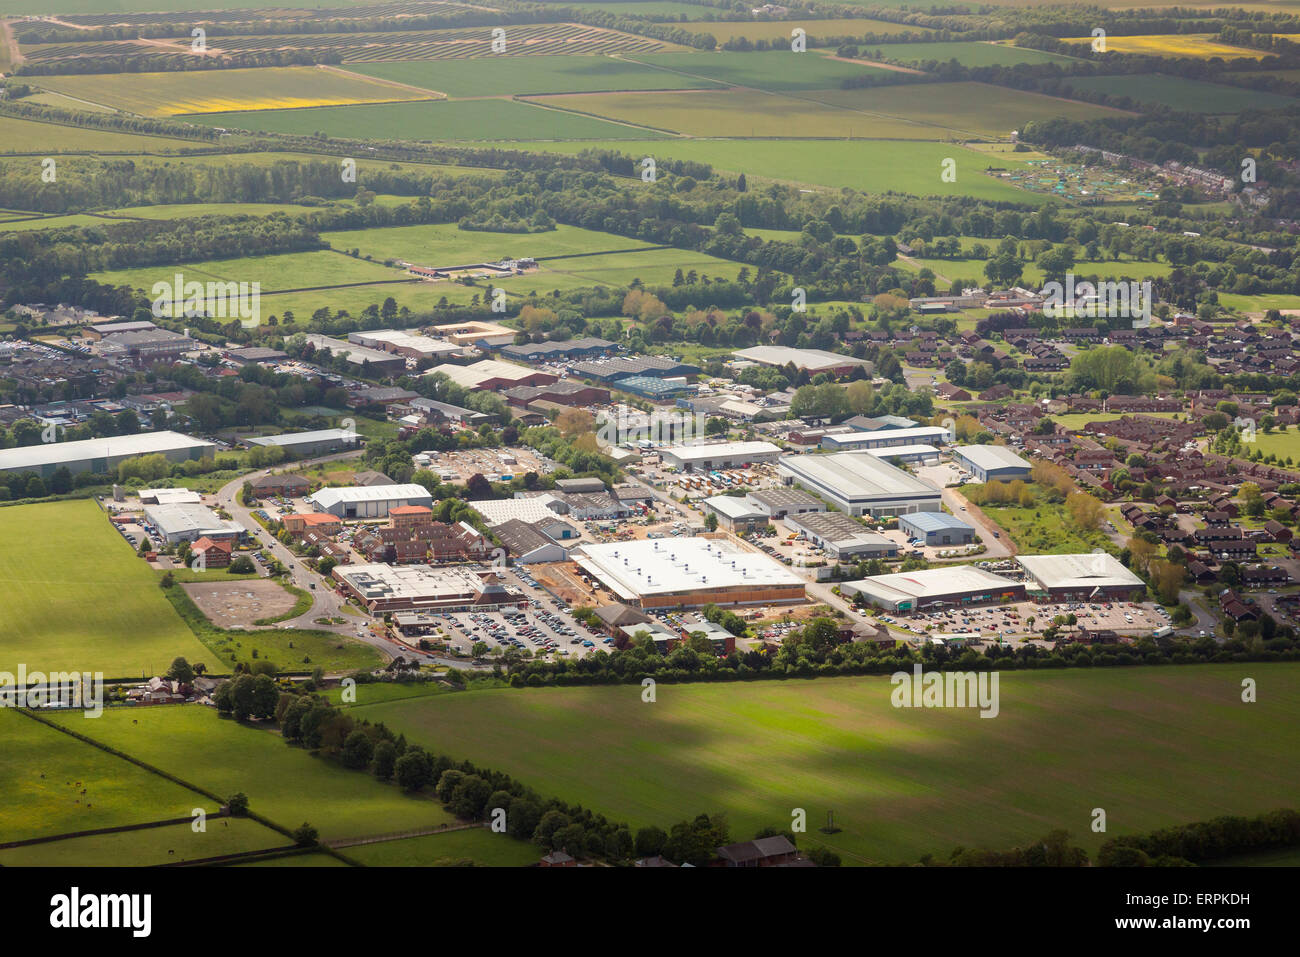 Photo aérienne du parc commercial de Newmarket et Studlands Park Industrial Estate Photo Stock